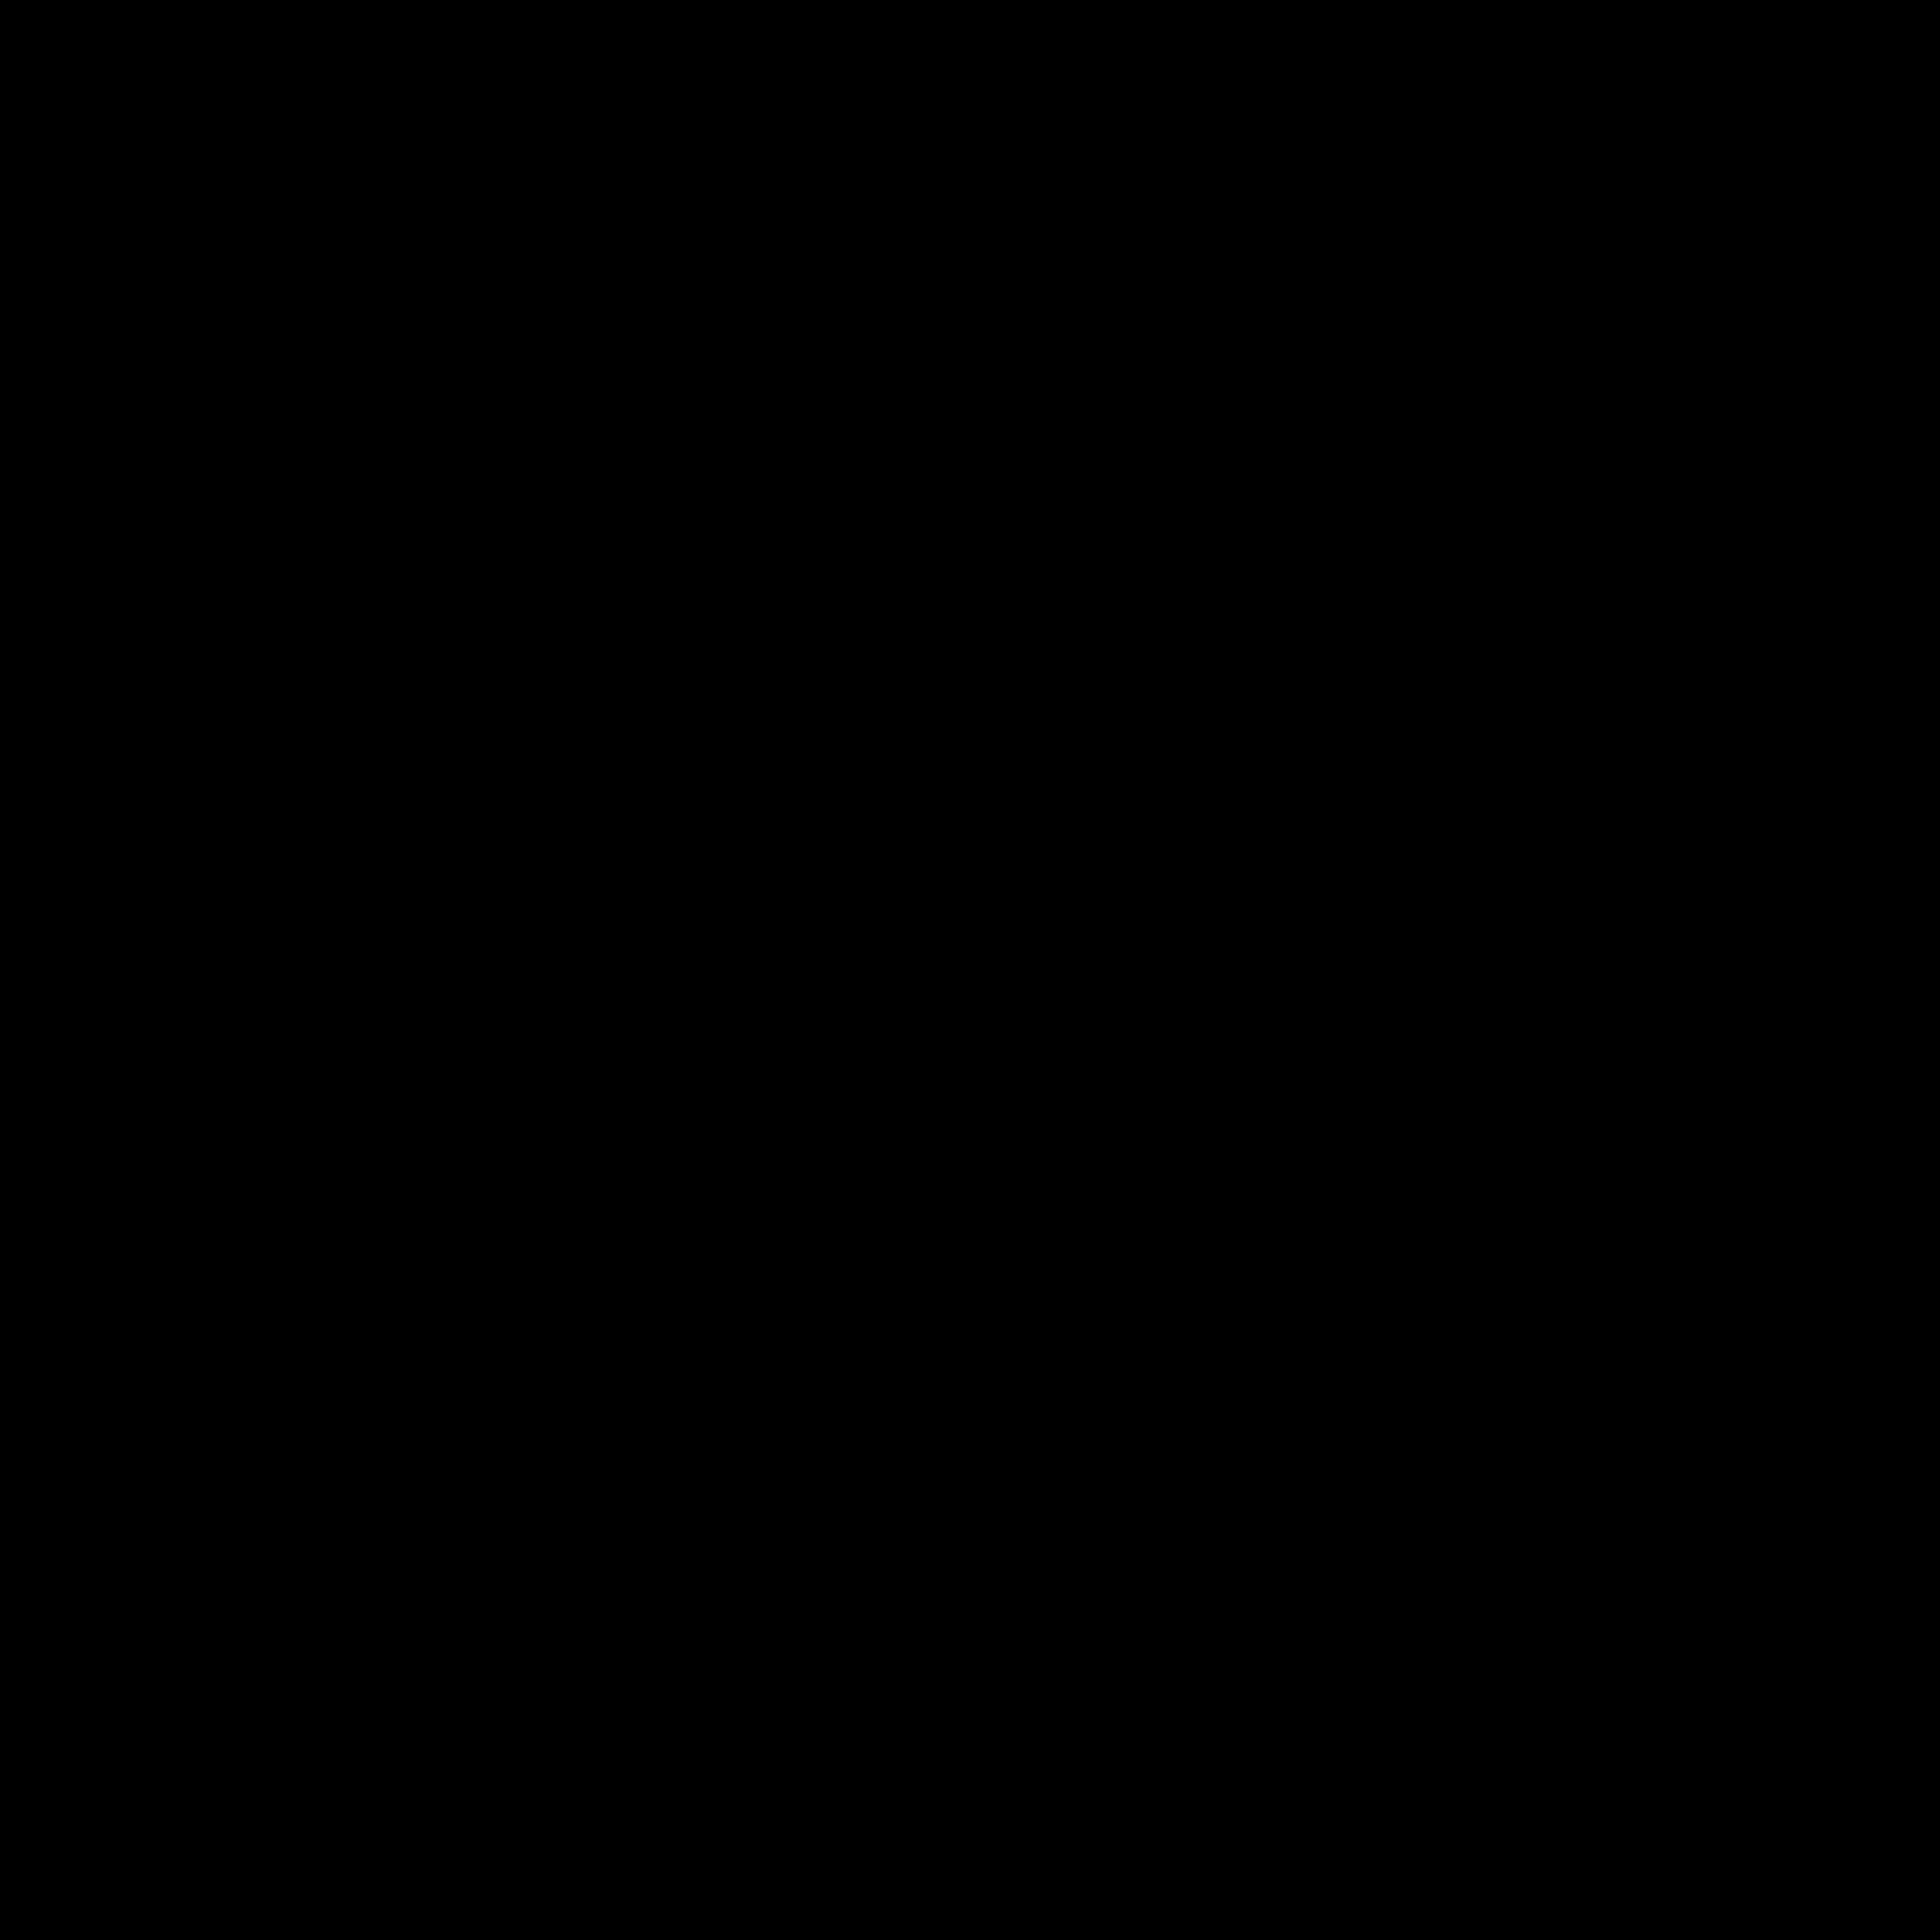 css3 icon